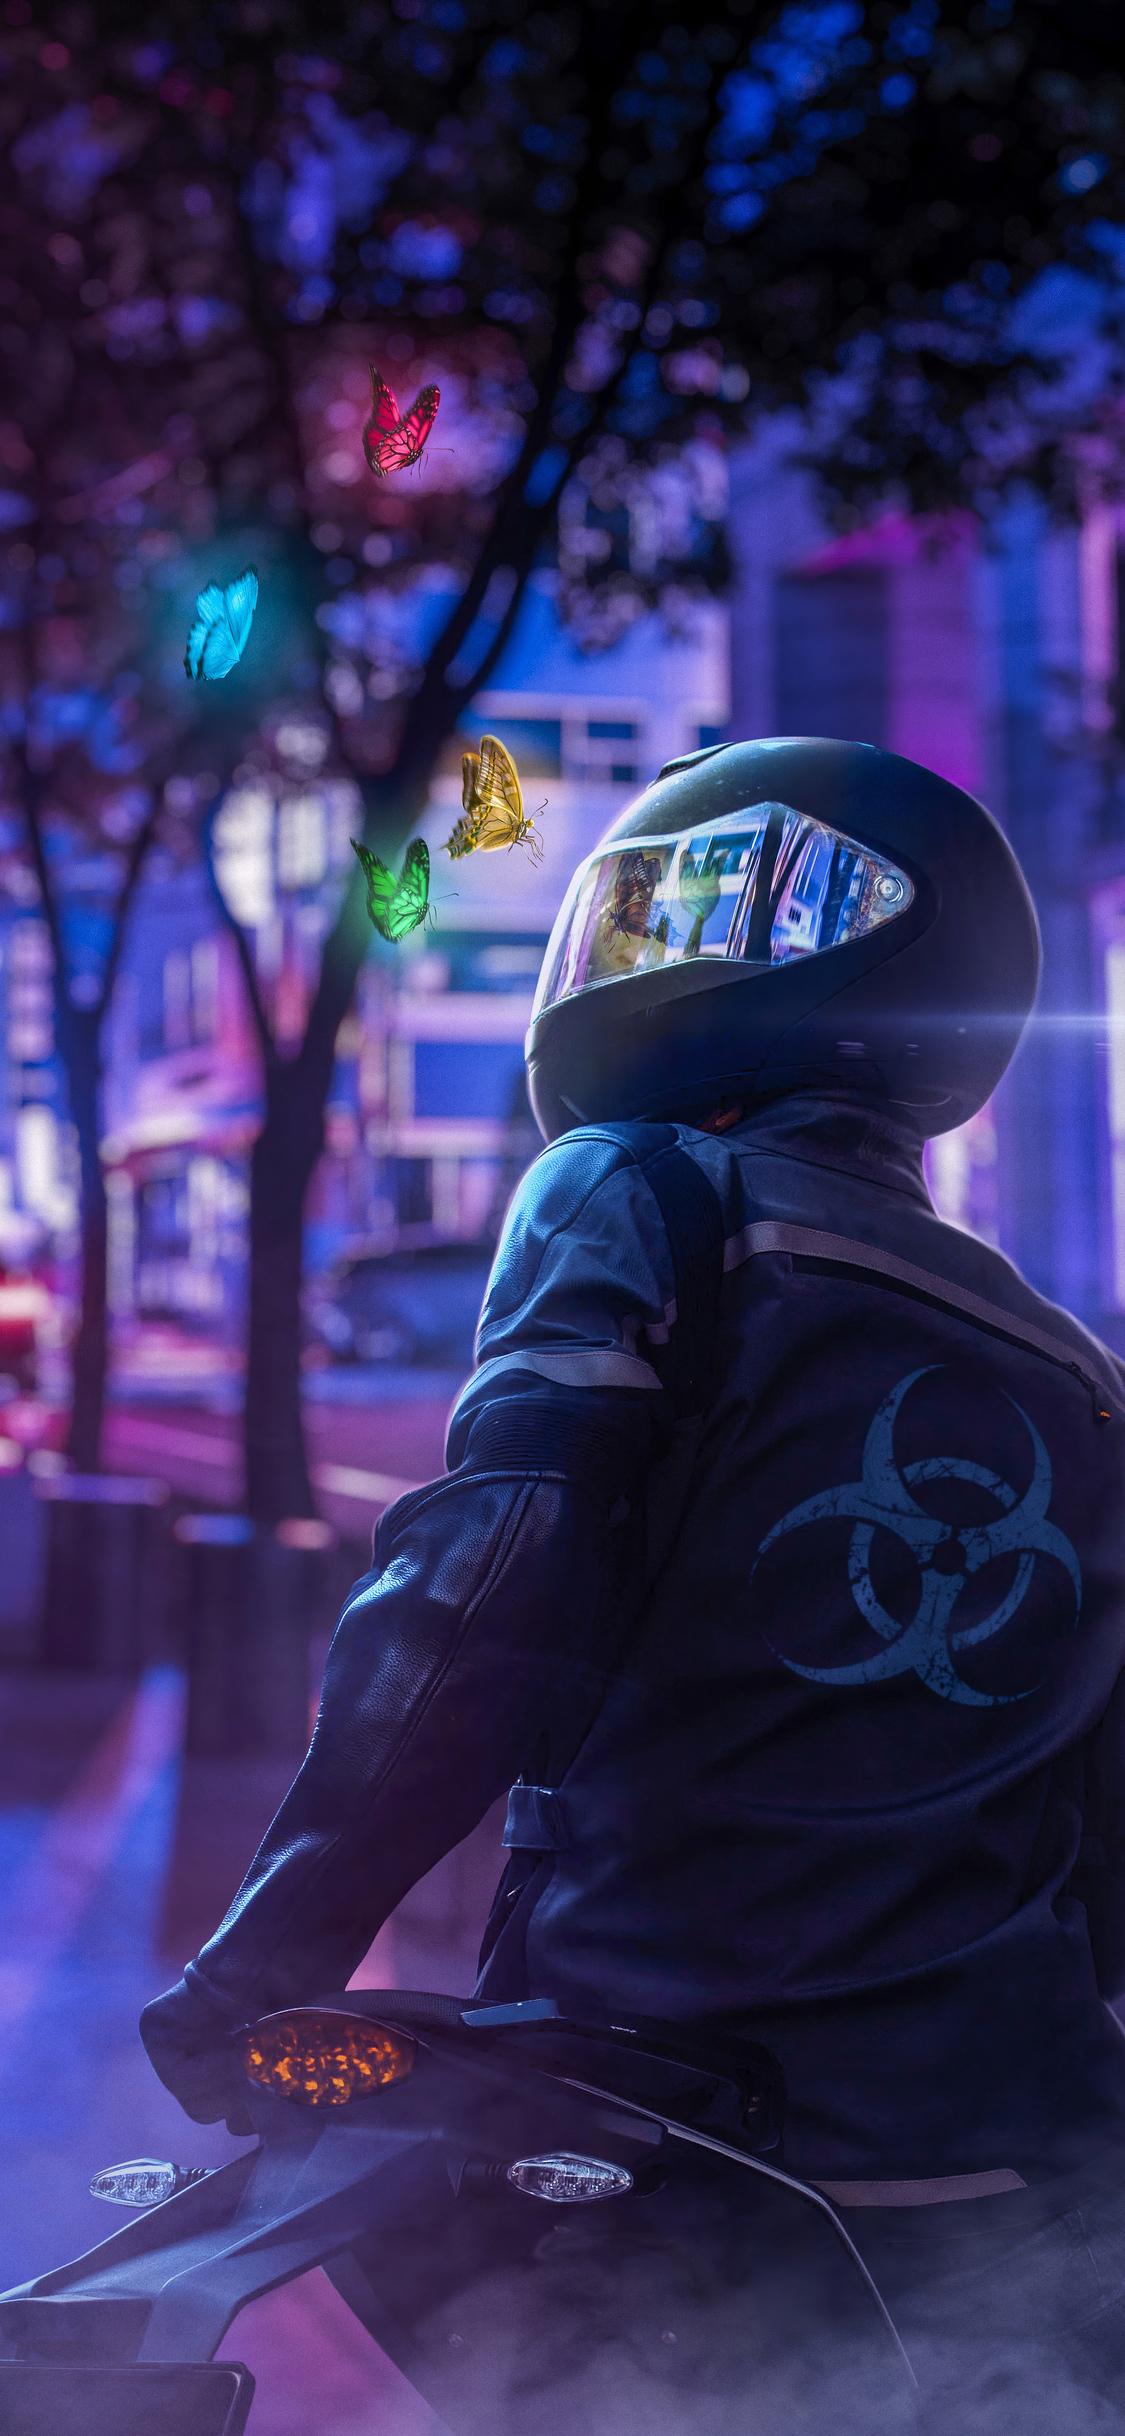 biker-dreamy-world-wq.jpg